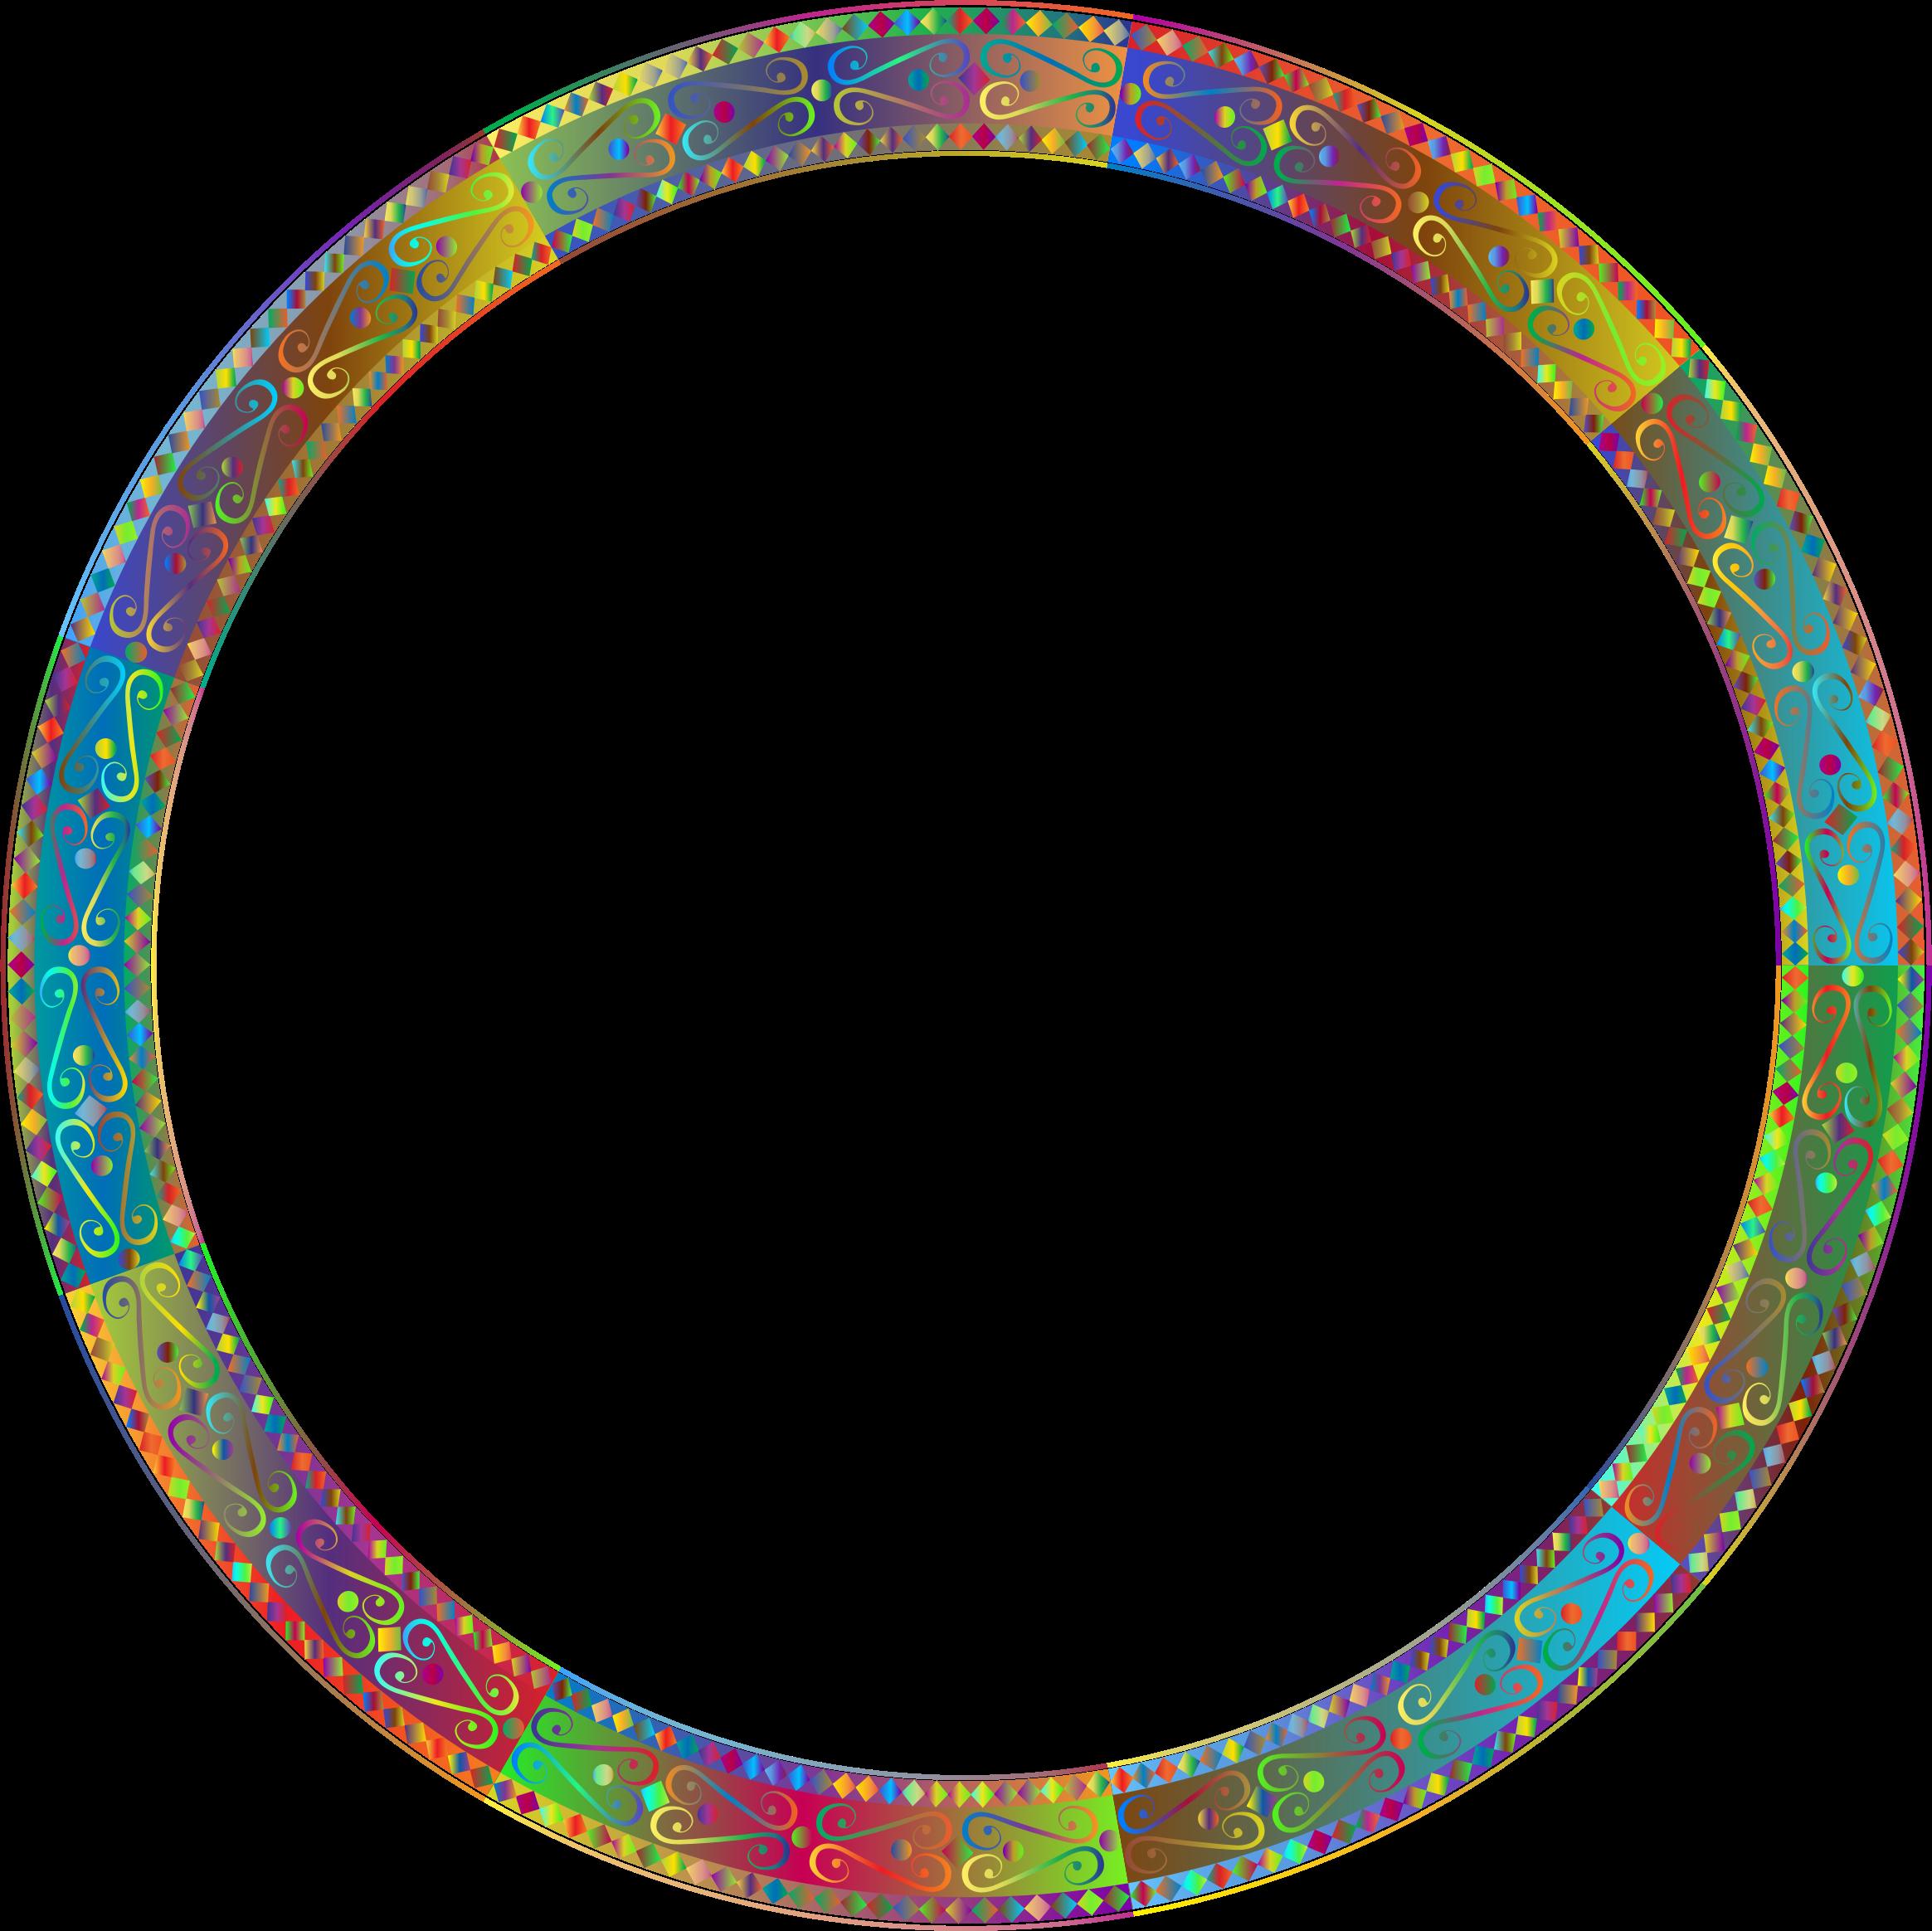 Download Round Frame PNG Transparent.